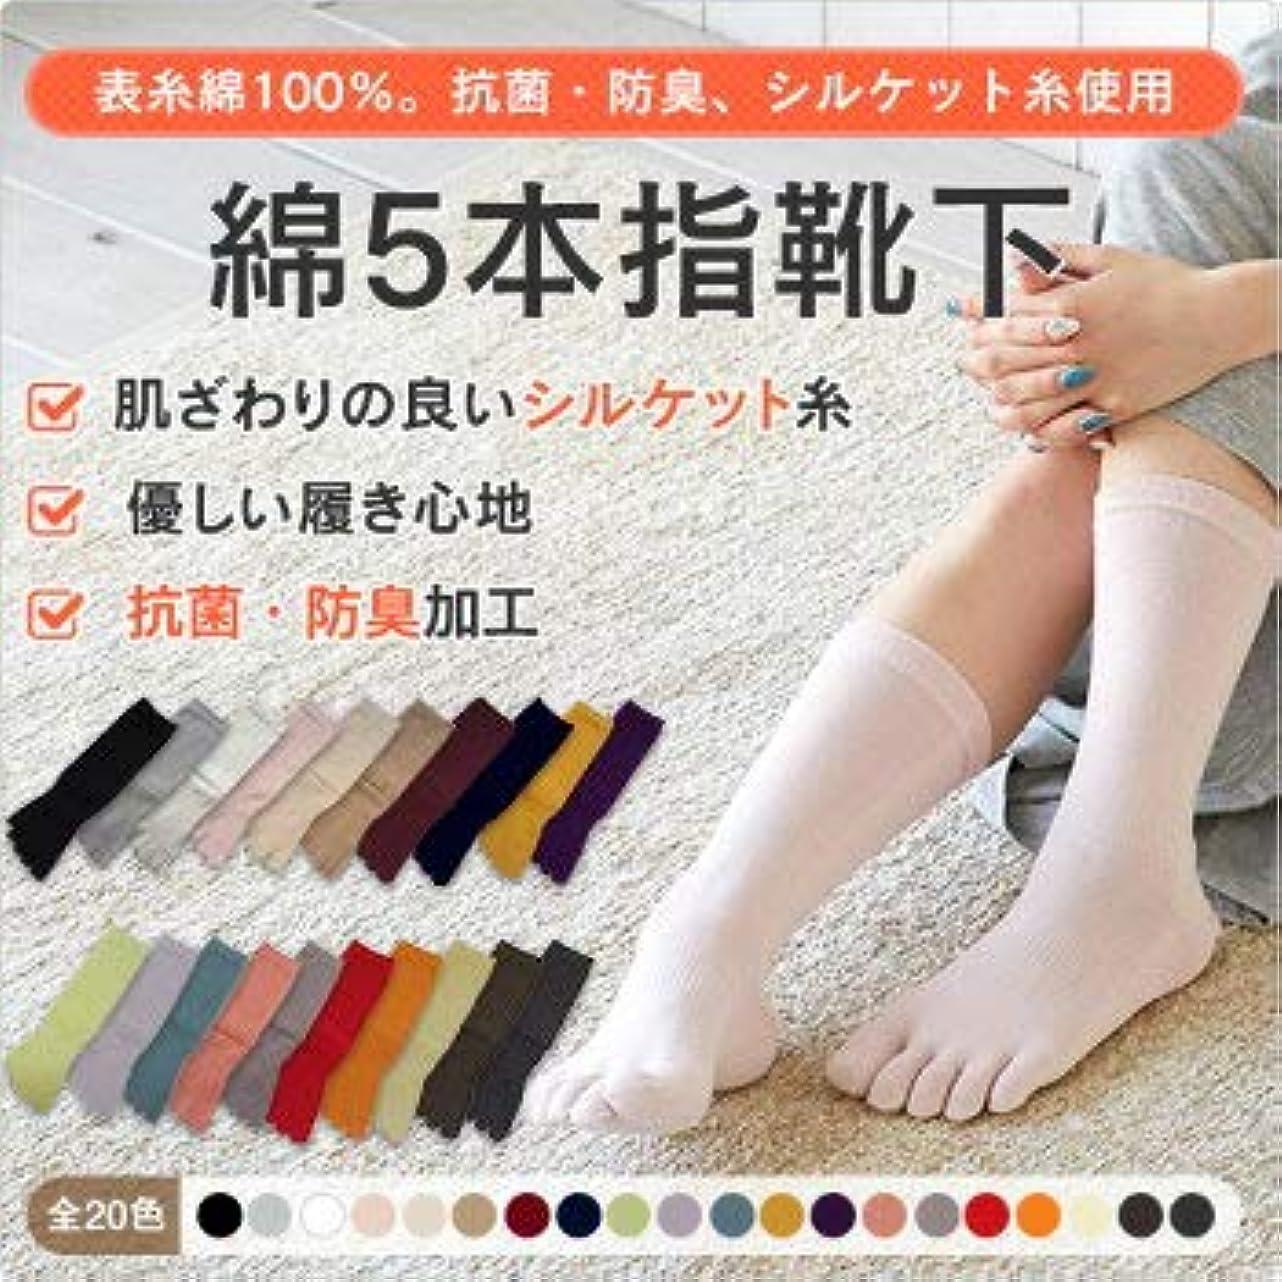 断片消費する魅力的であることへのアピール選べる5色 女性用 5本指 ソックス 抗菌防臭 加工 綿100%糸使用 5色組 老舗 靴下 メーカーのこだわり 23-25cm 太陽ニット 3205P